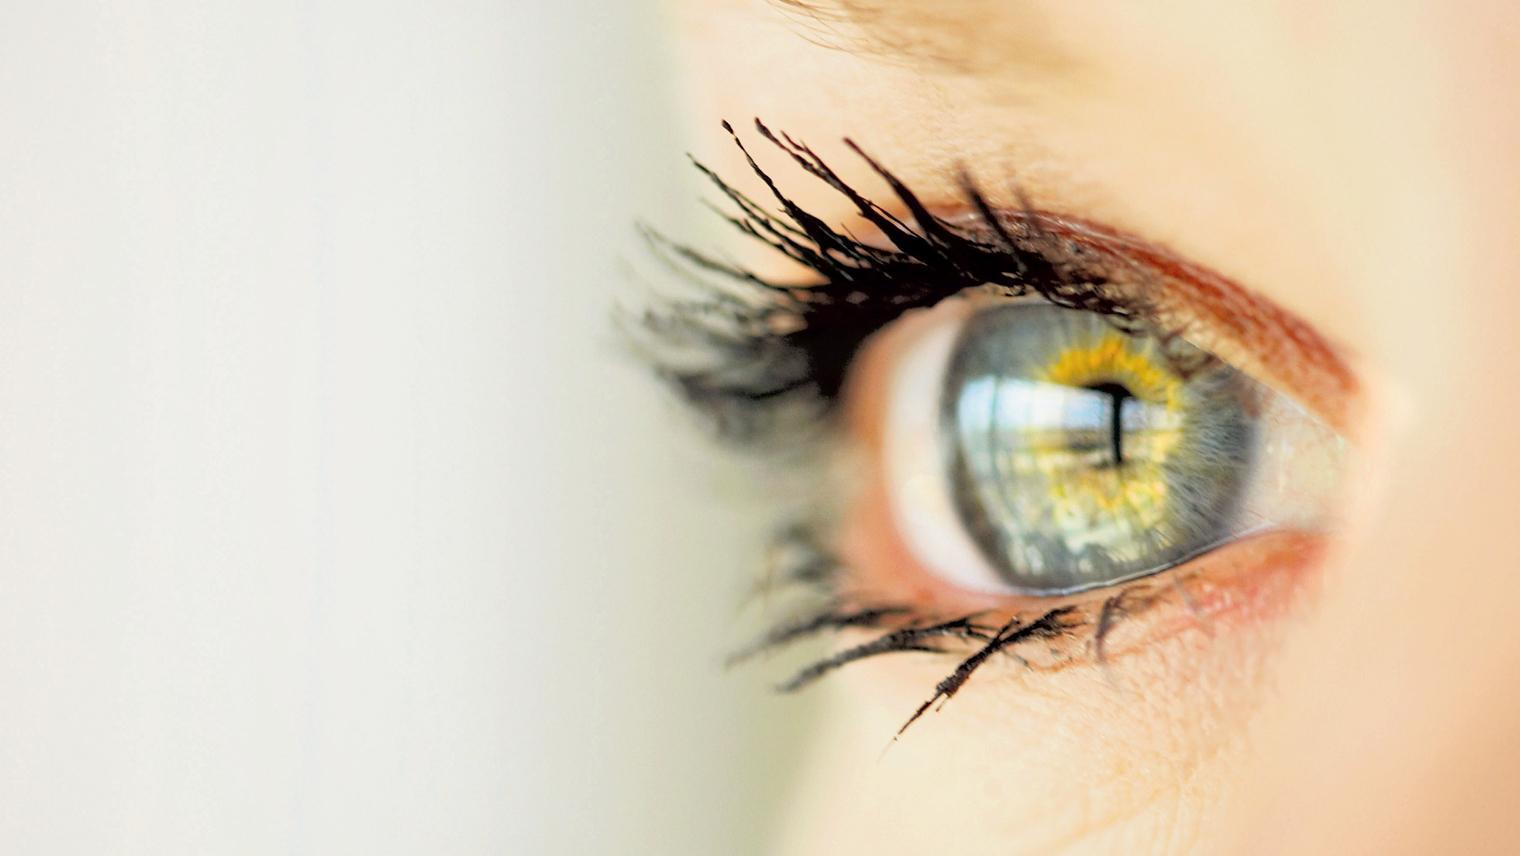 Seis Coisas que Você Certamente faz e que Colocam seus Olhos em Risco